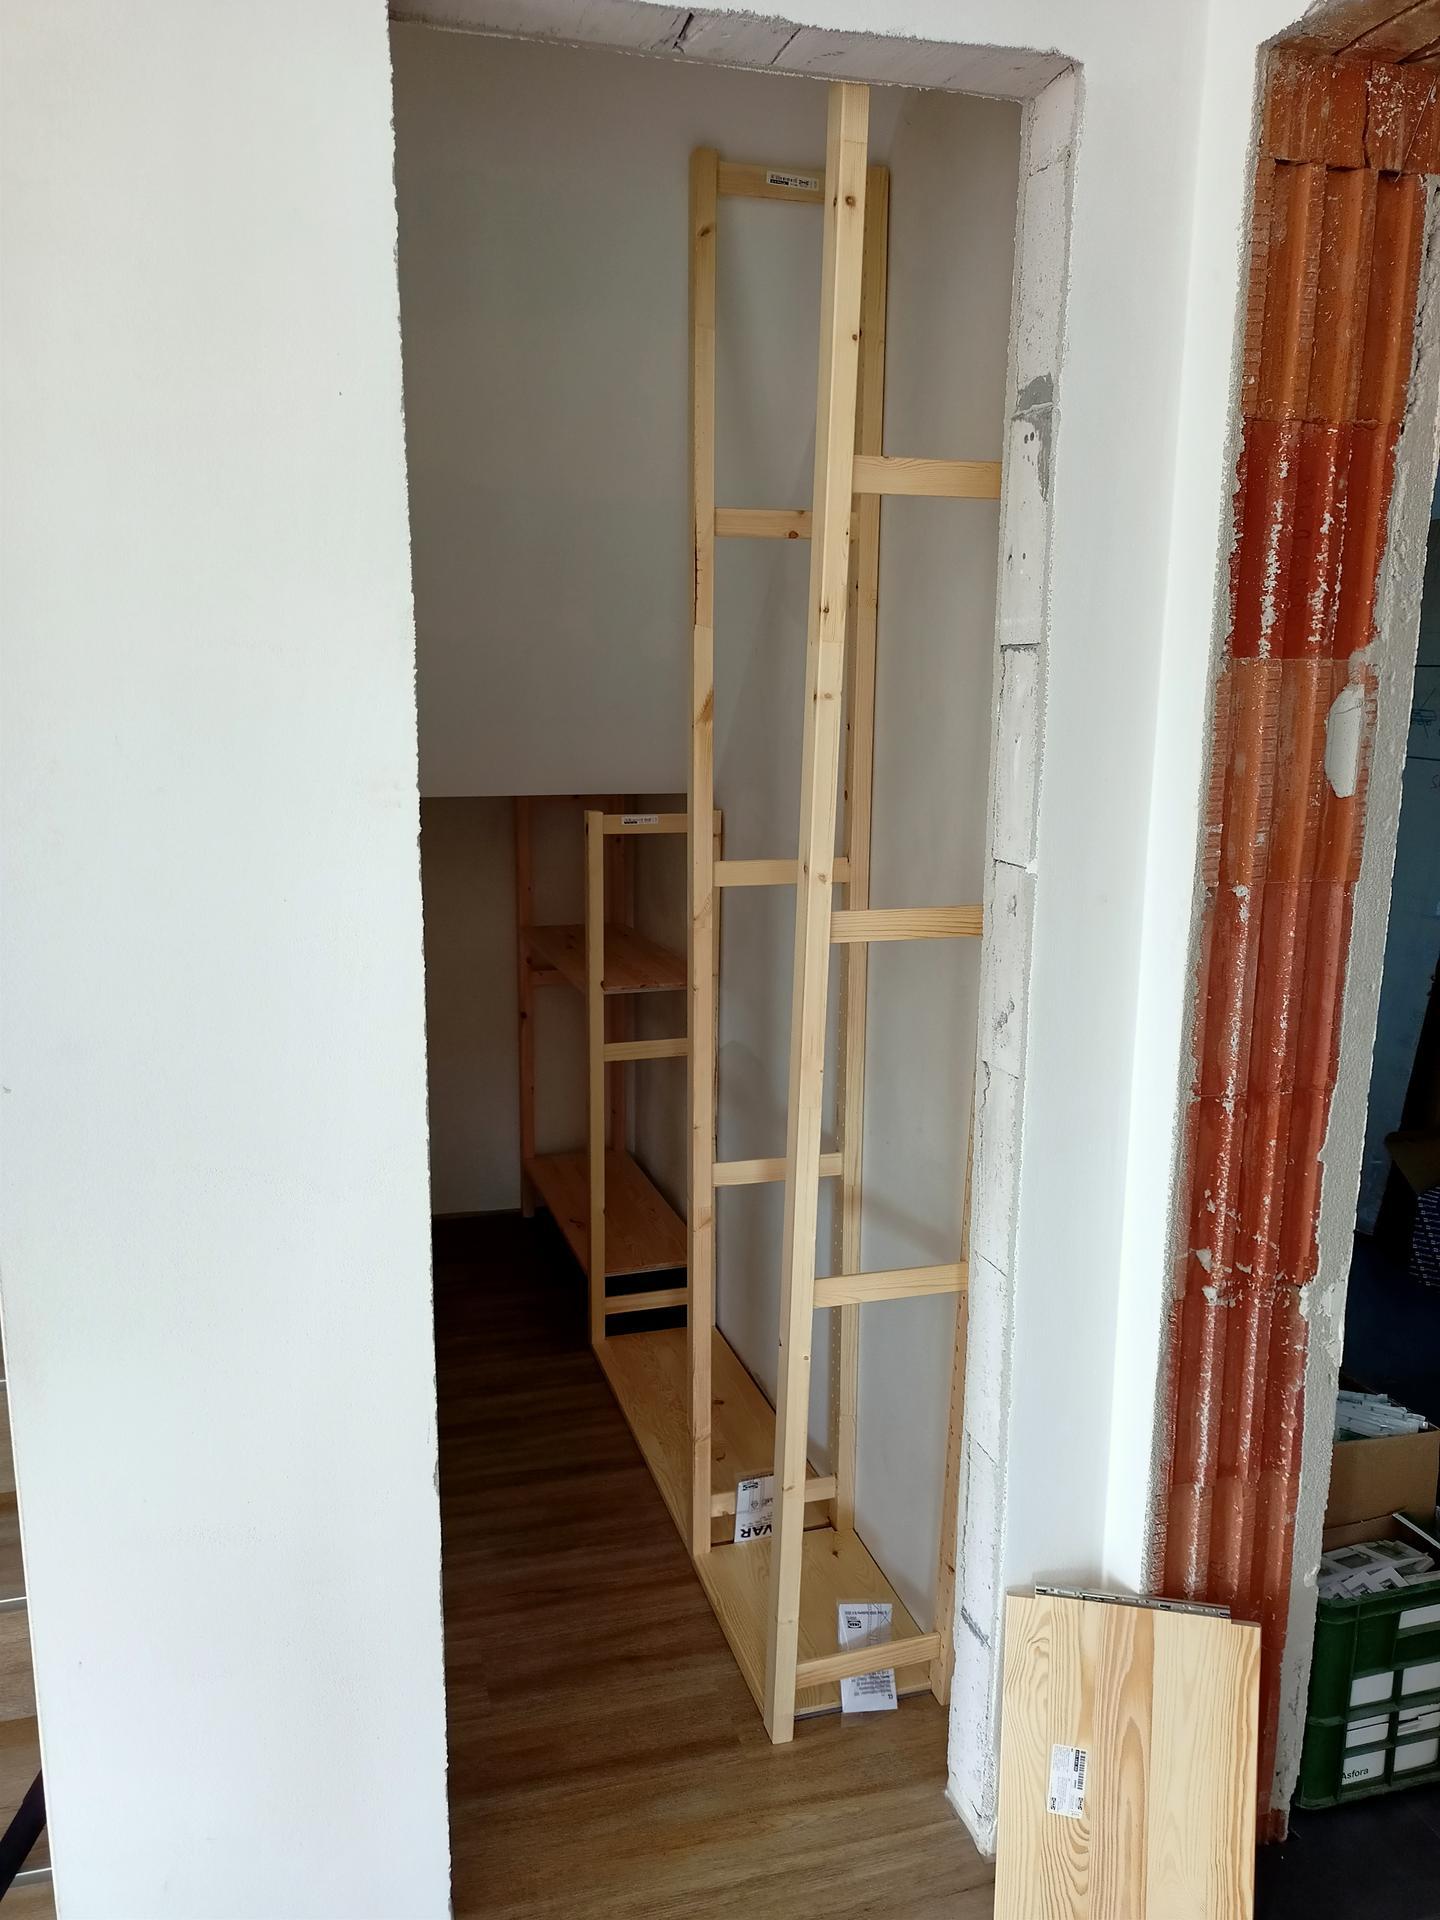 Naše doma - 1. nábytek na svém místě. Zkouška jestli se vejde, ještě se tam bude 1x malovat a dávat podlahové lišty